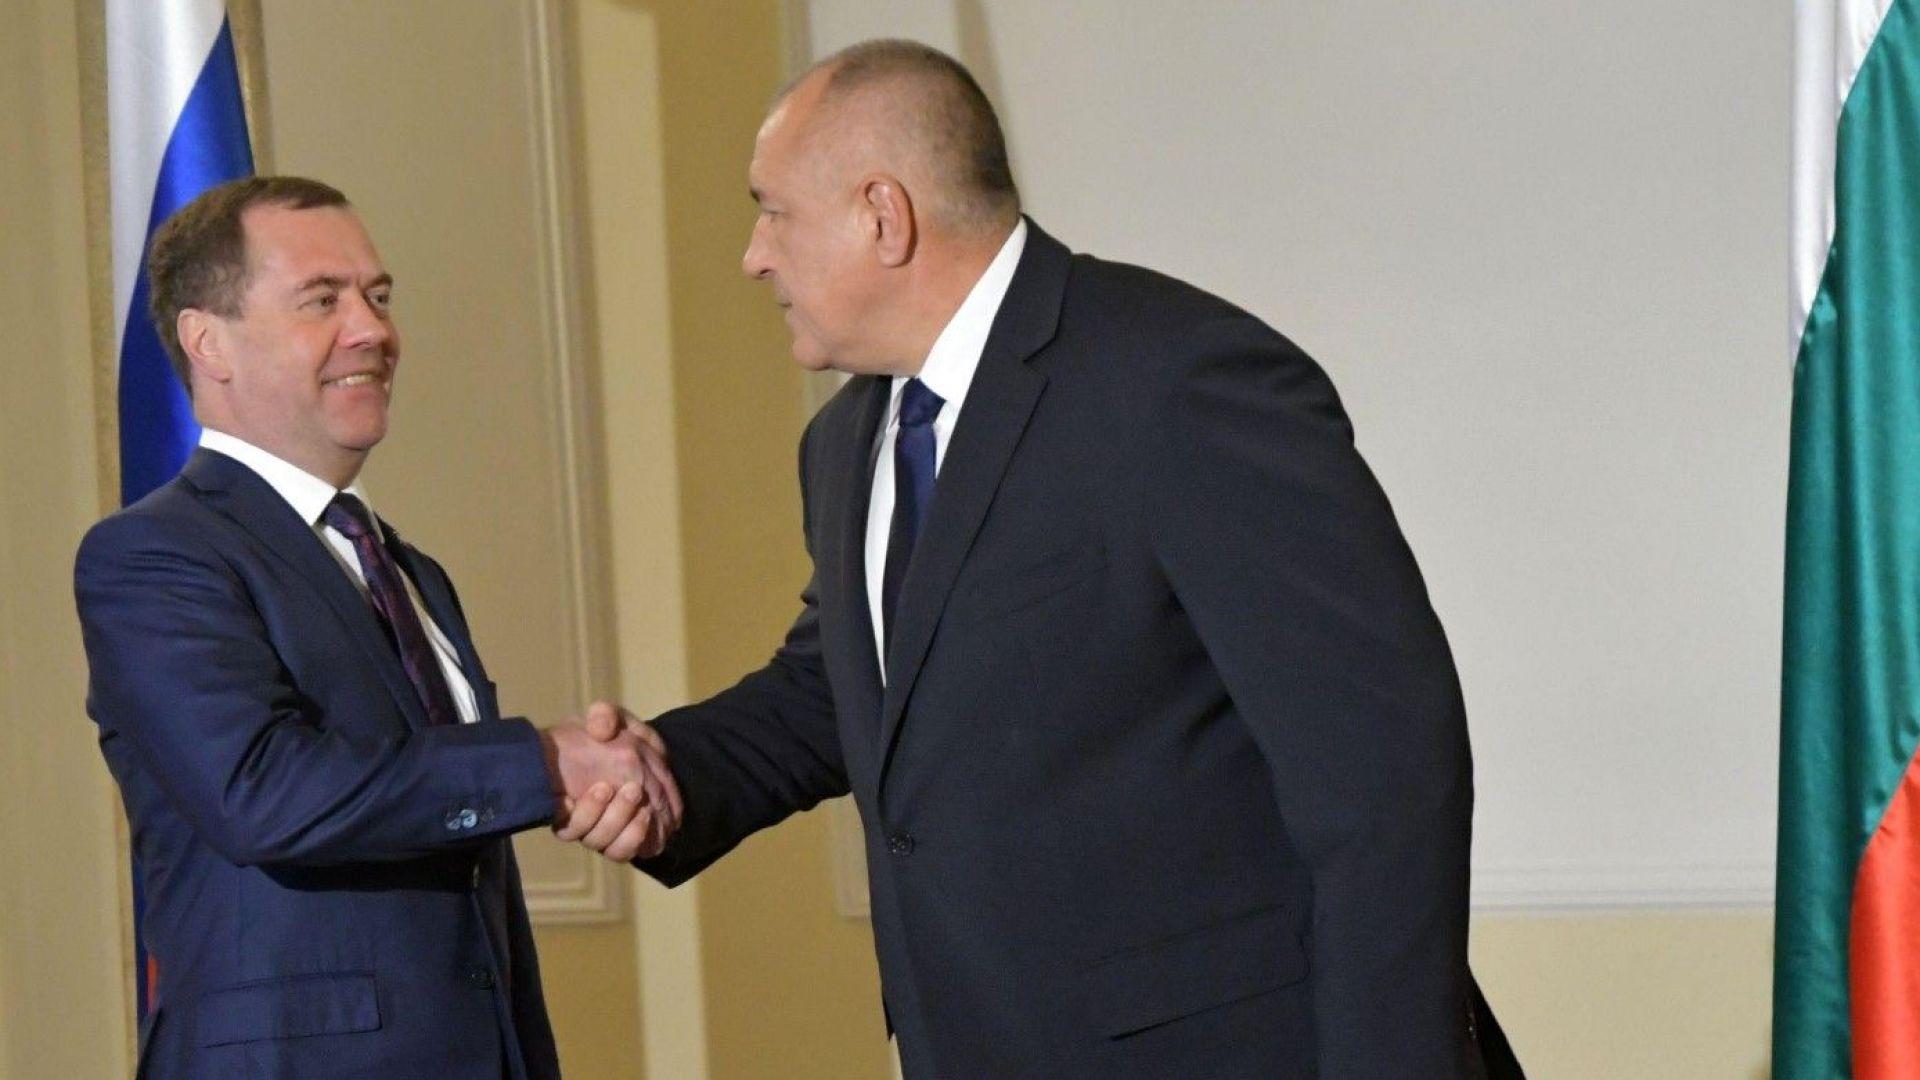 Борисов към Медведев: Полага ни се да участваме в газопреноса и тръбите ни да са пълни